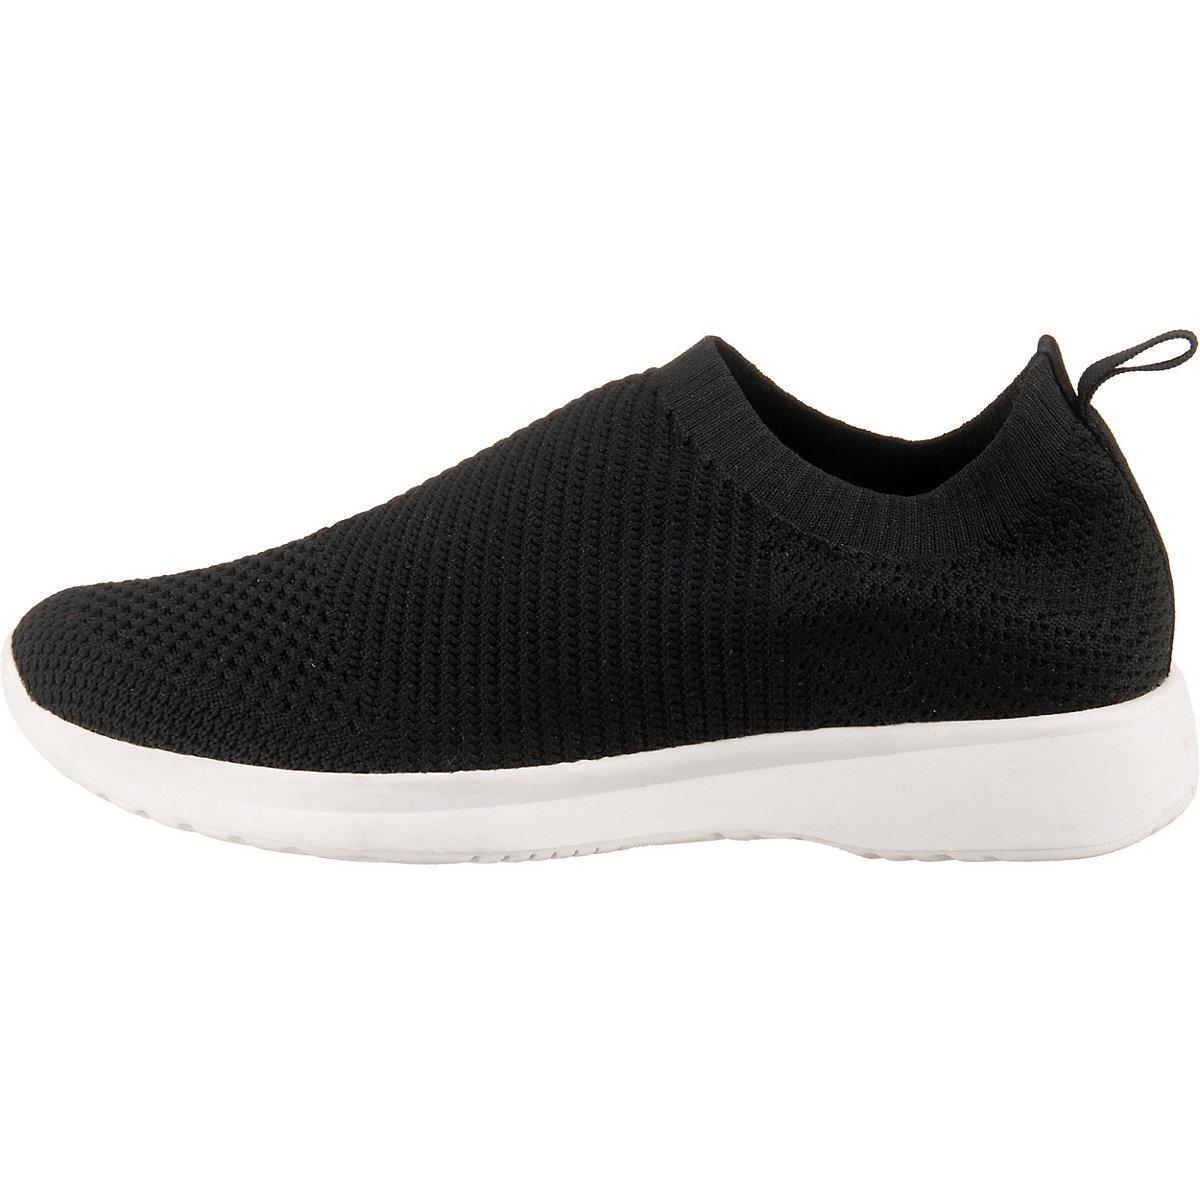 VAGABOND Cintia Slip-On-Sneaker schwarz